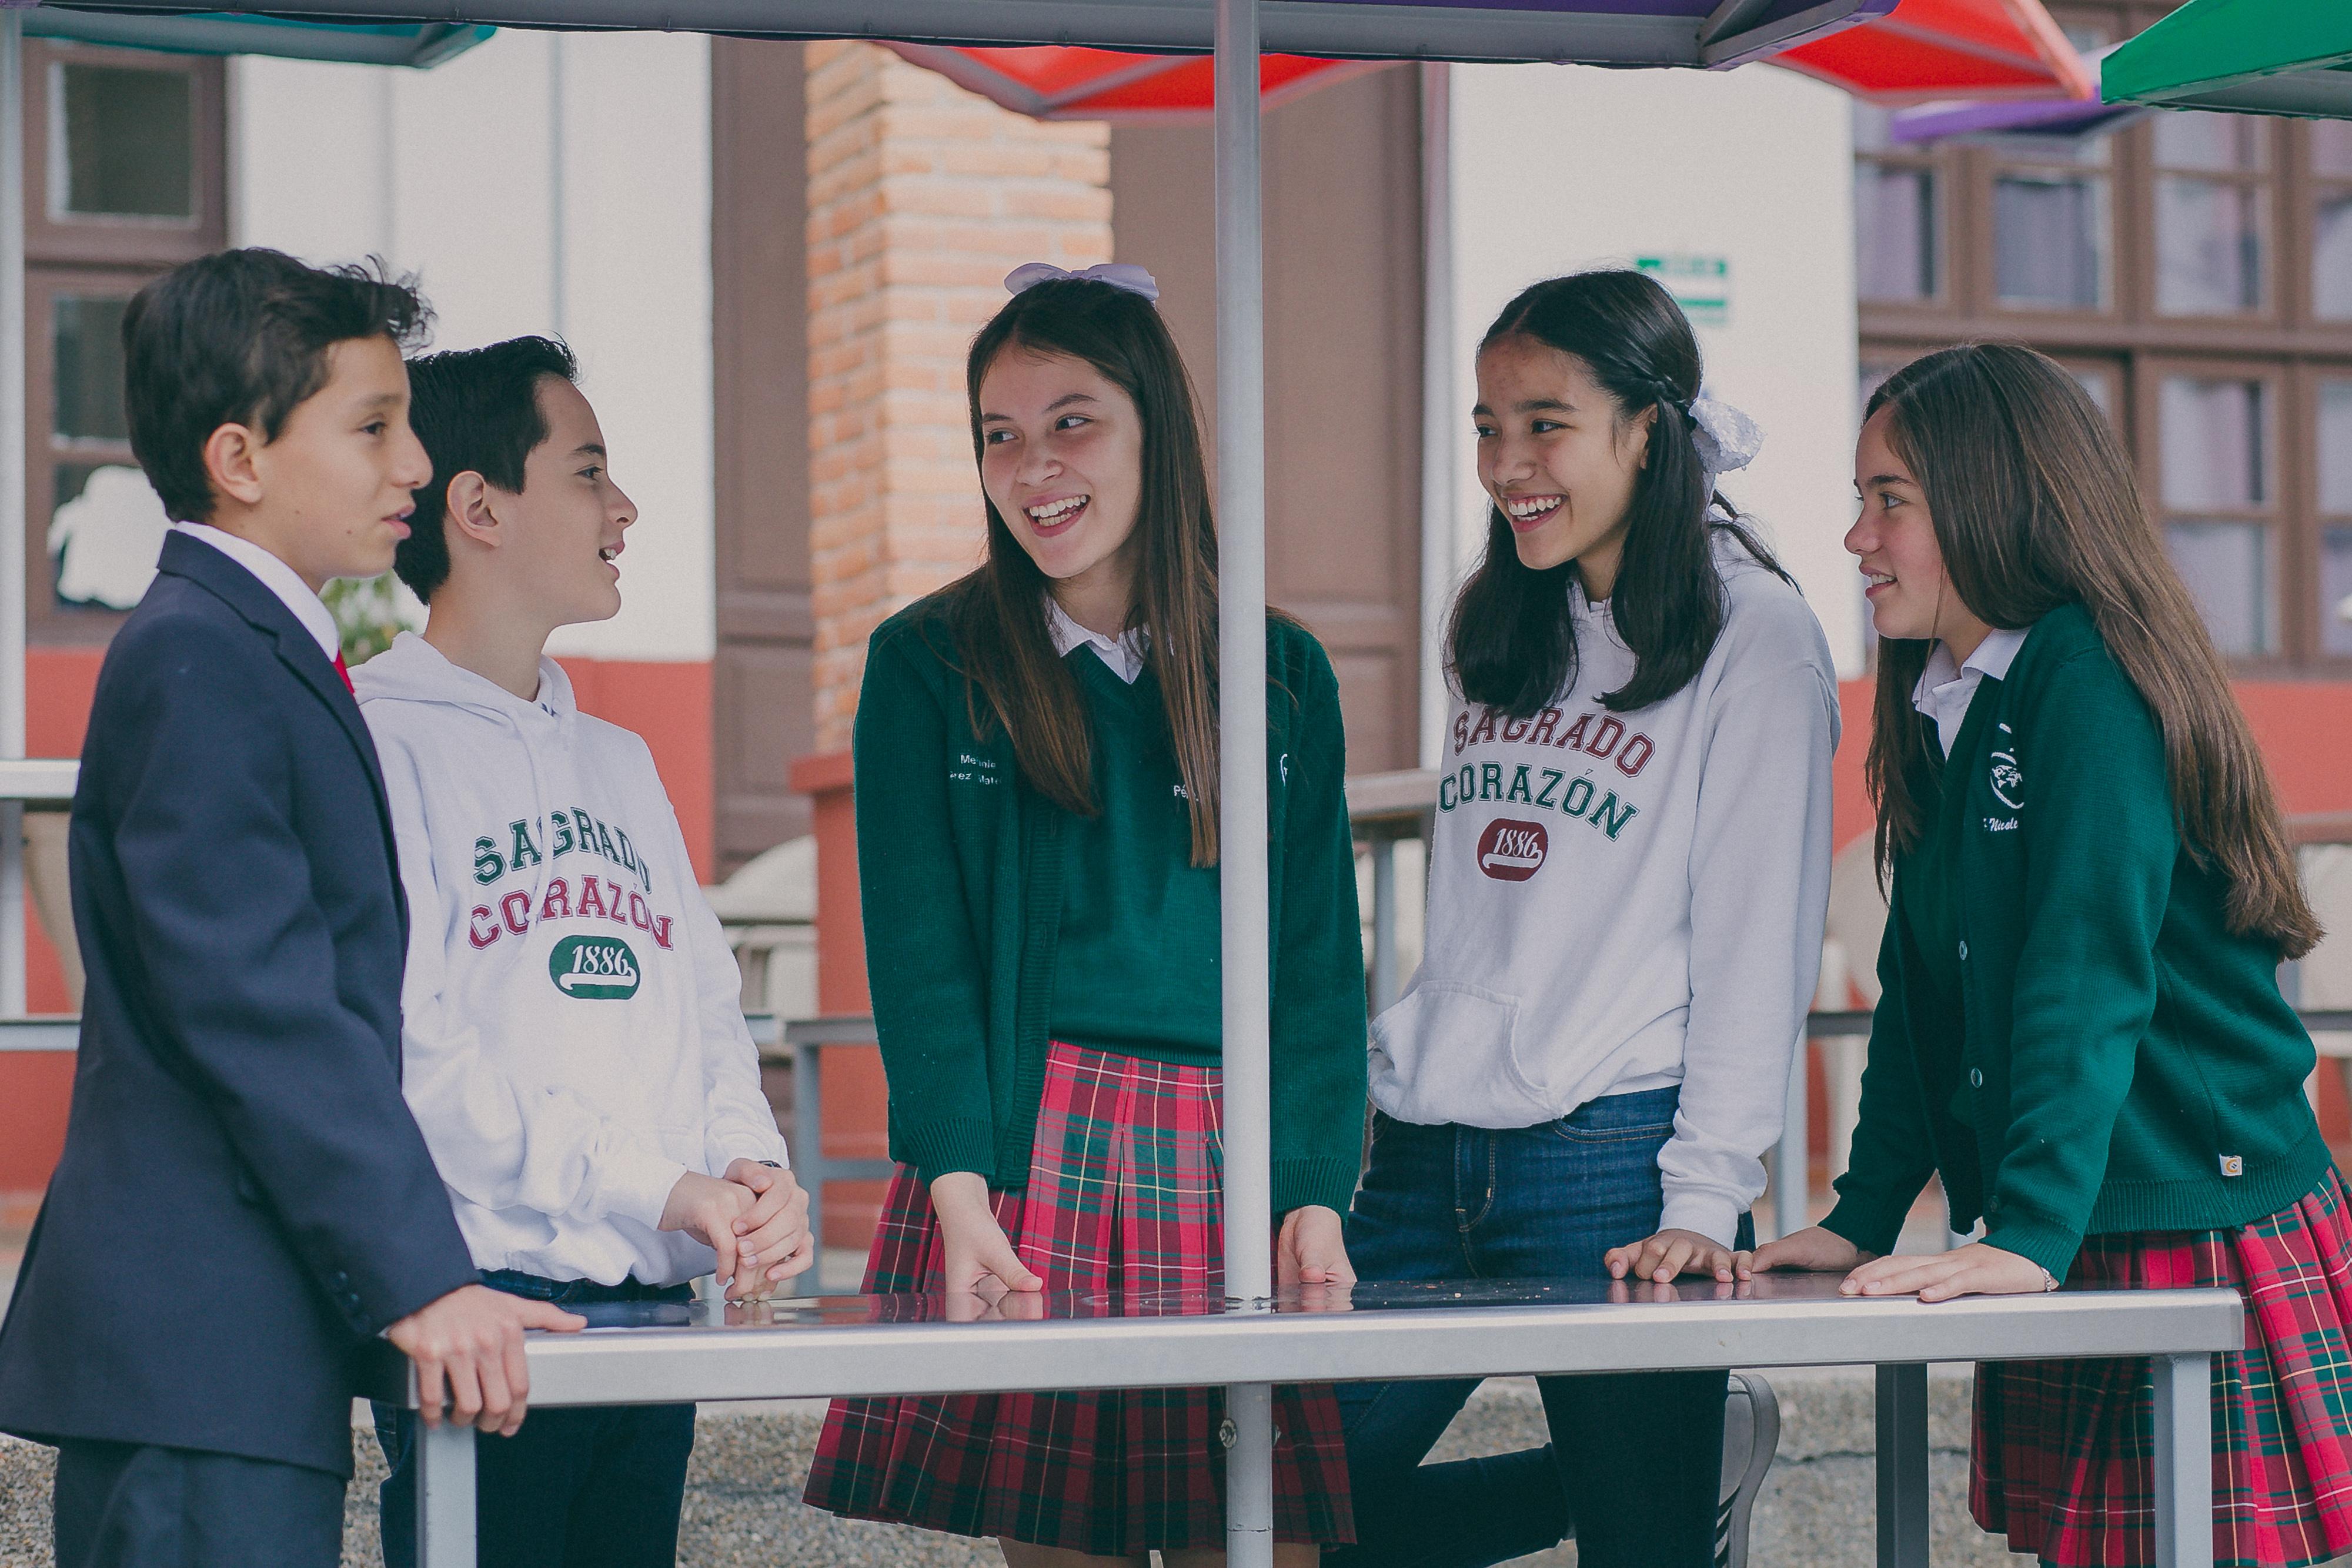 Alumnos de secundaria conversando